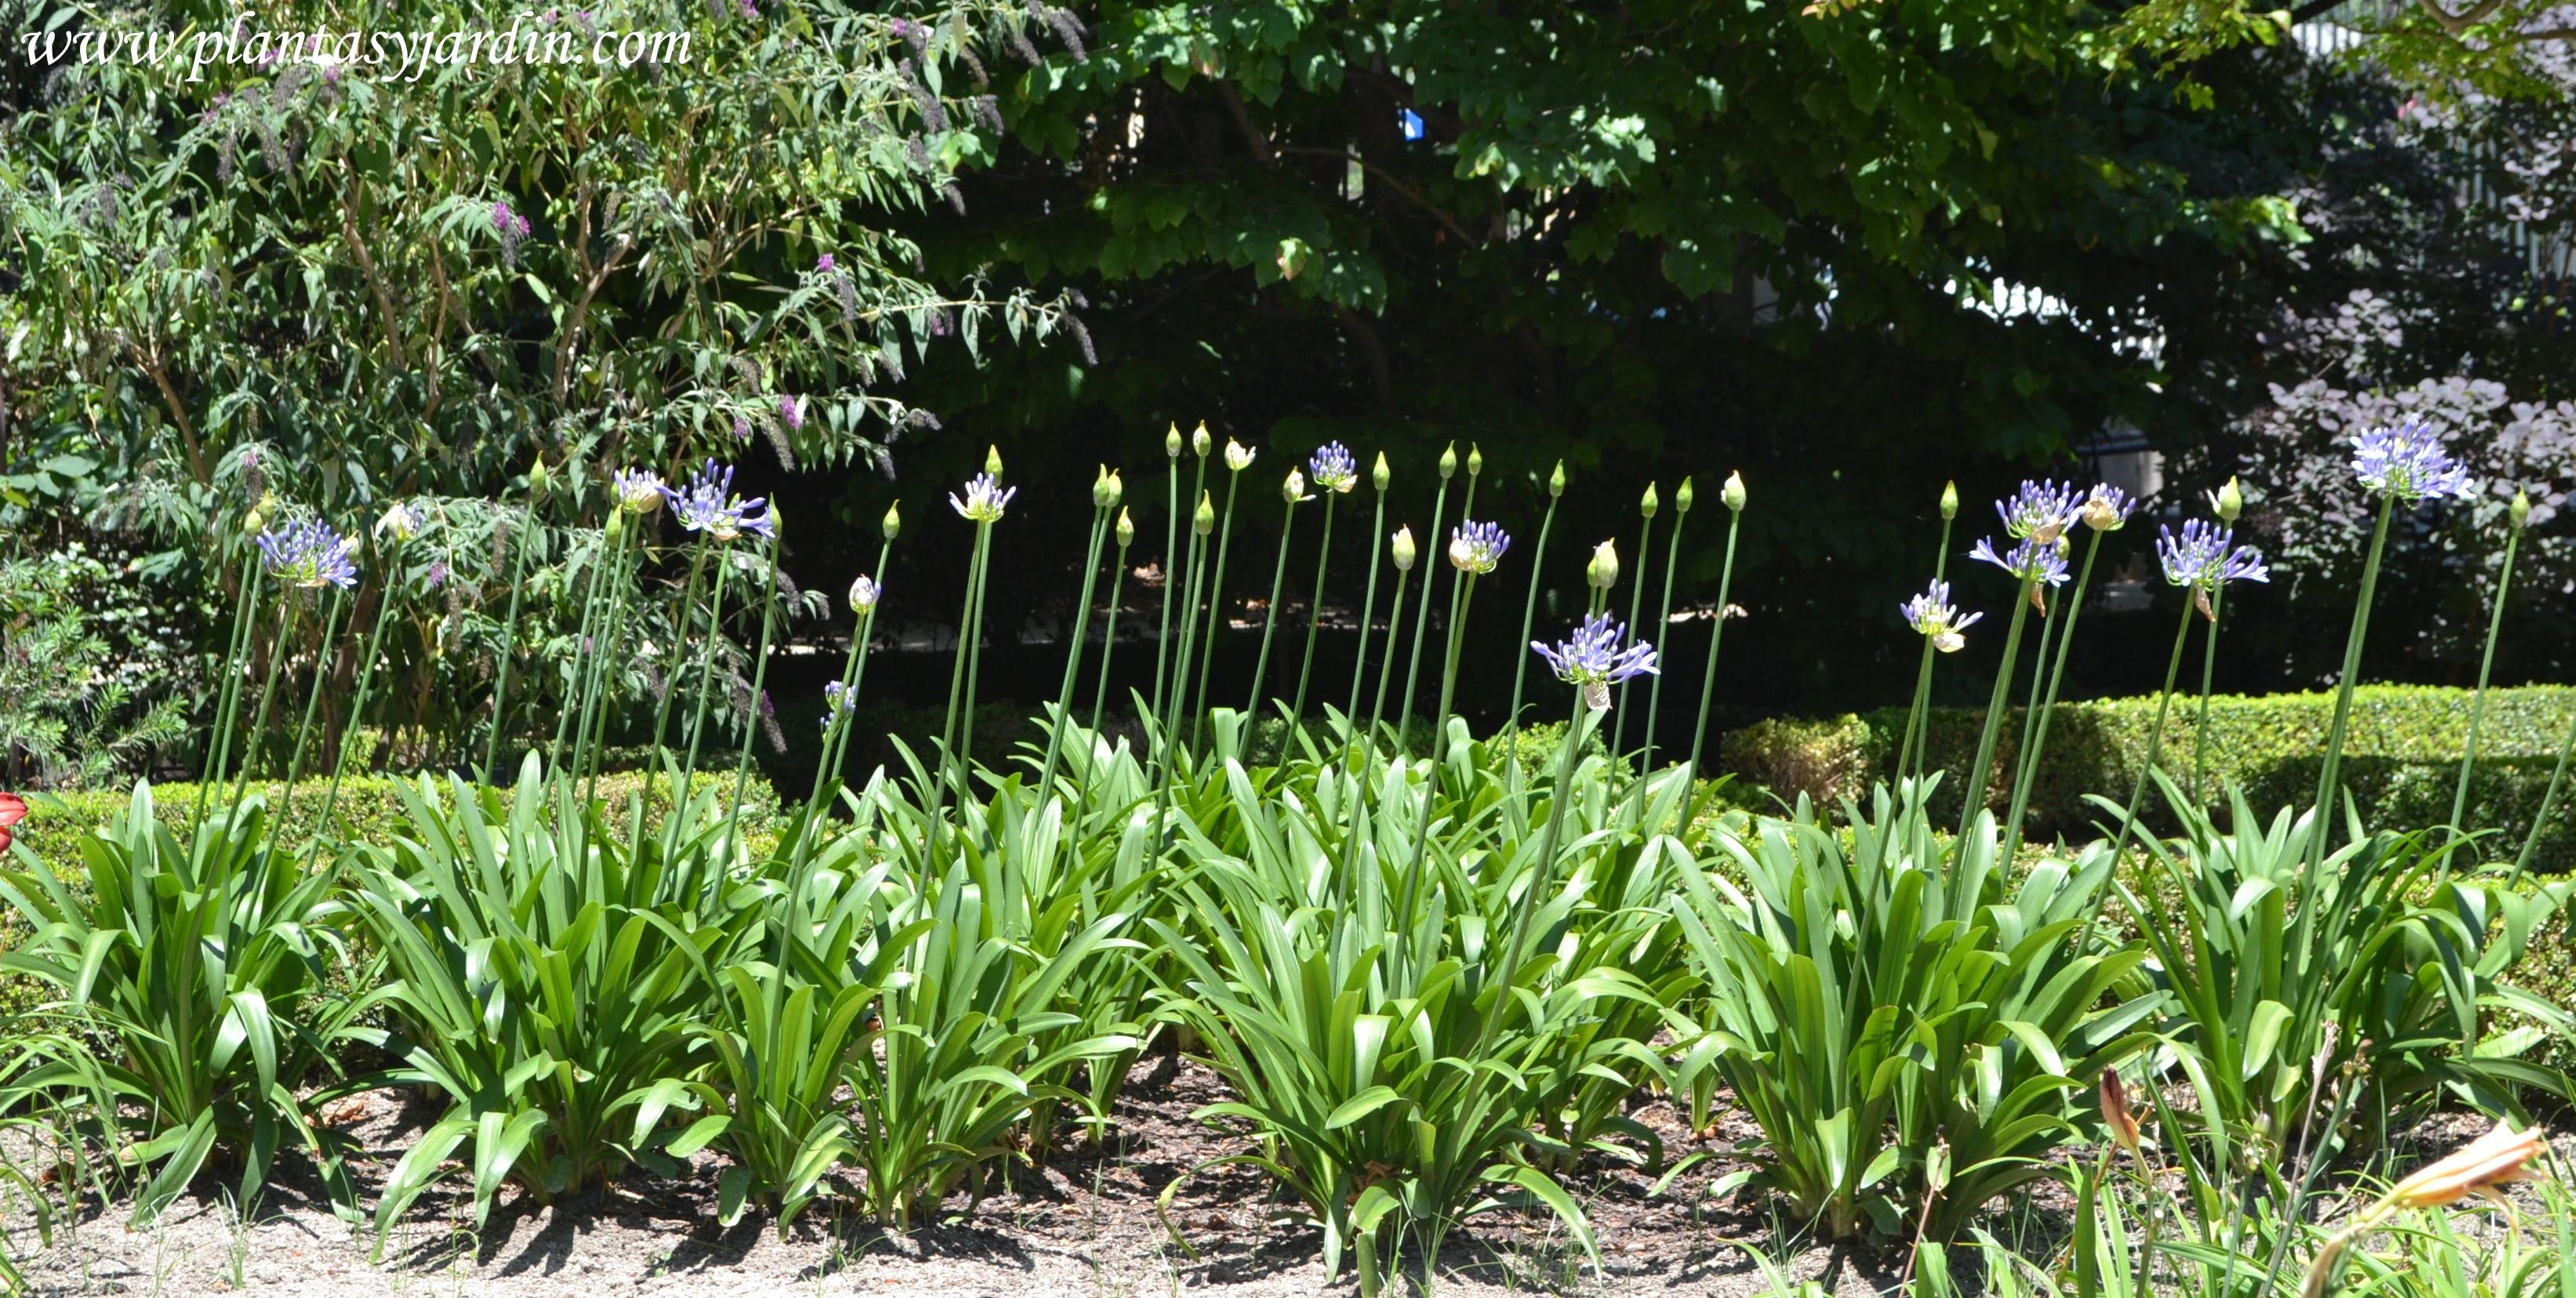 Agapanthus africanus, florecidos en verano.